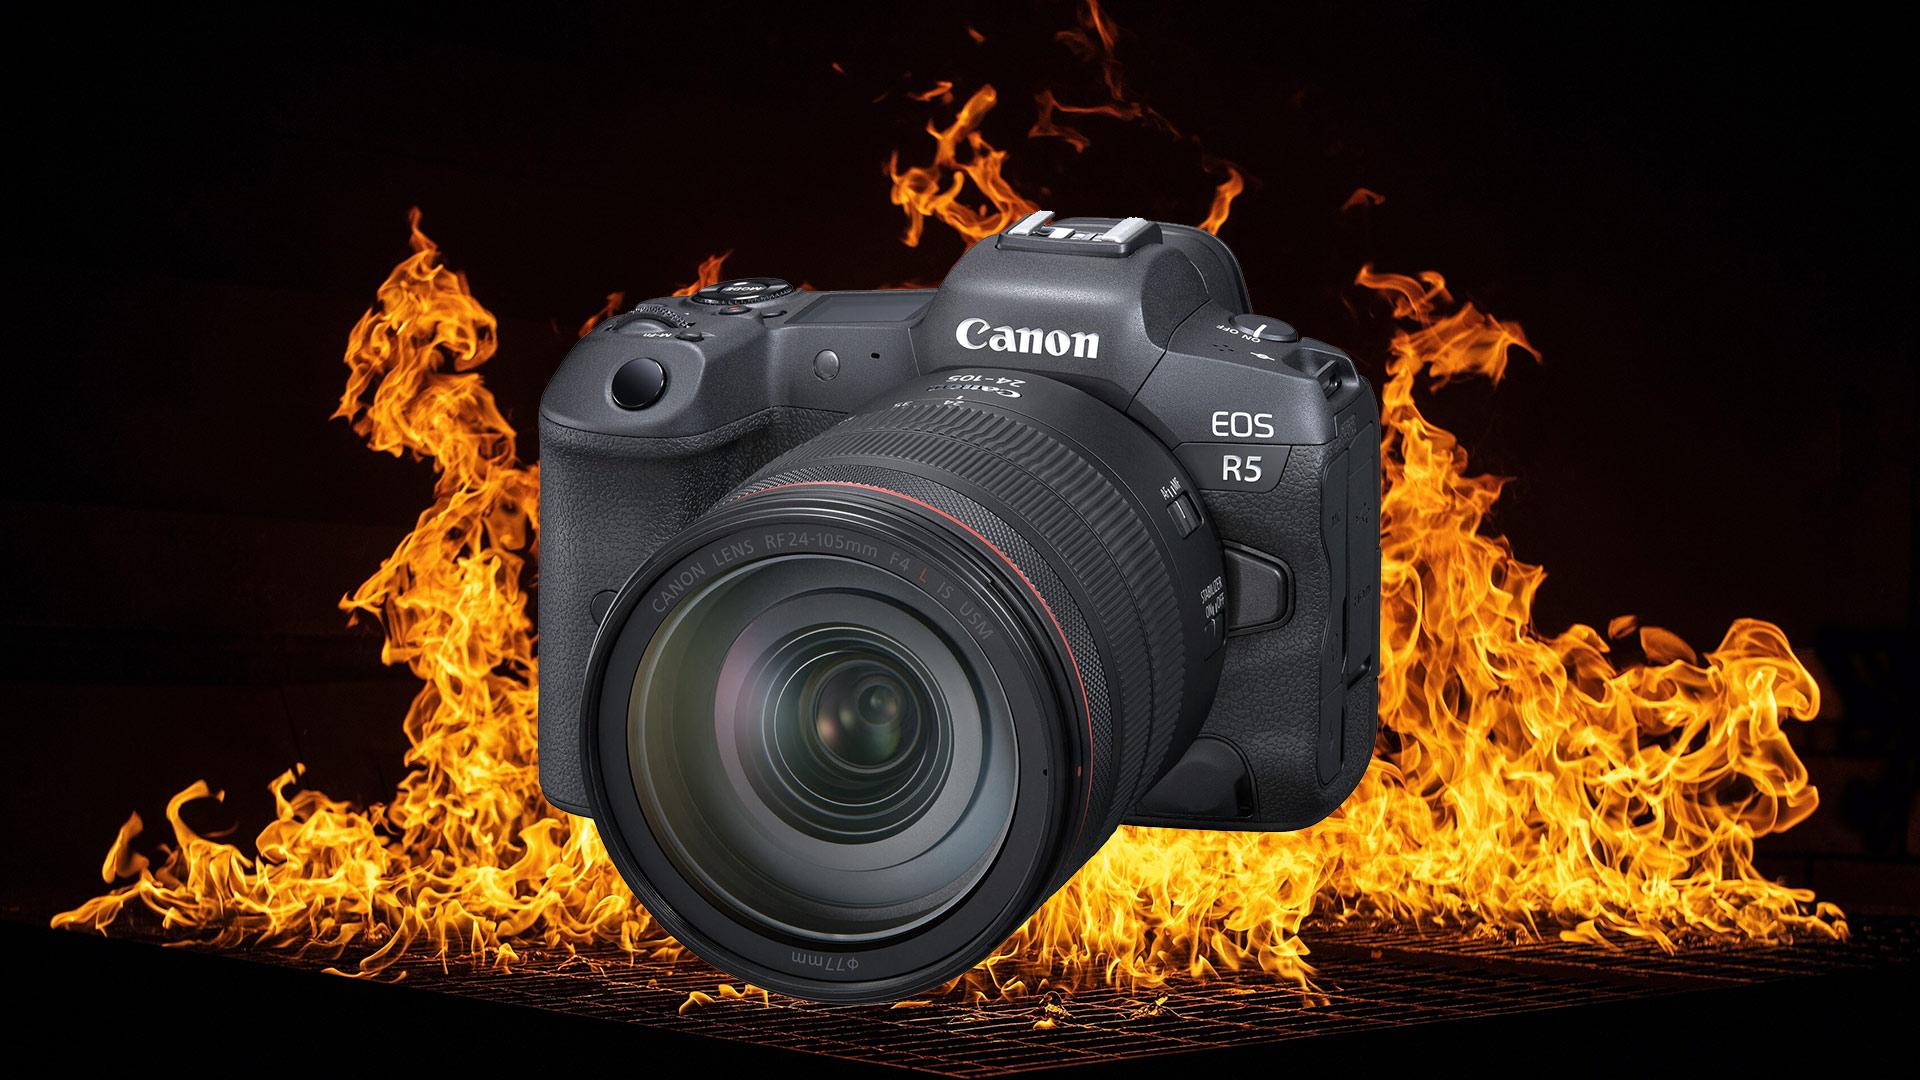 Las Canon EOS R5 y R6 se sobrecalientan durante la grabación de video - Declaración oficial